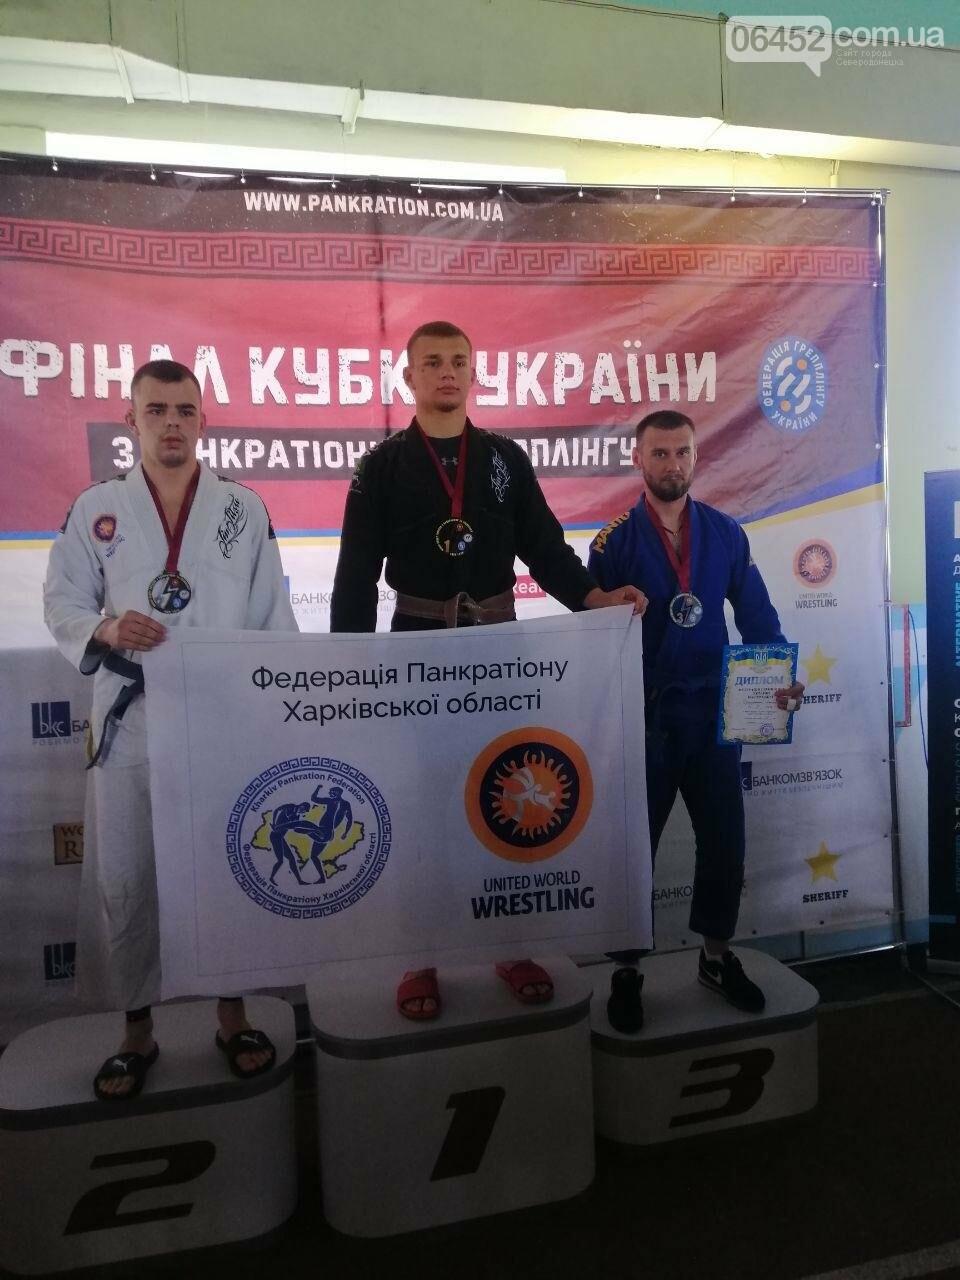 Северодончане завоевали 8 медалей на Чемпионате Украины по грэпплингу и панкратиону, фото-5